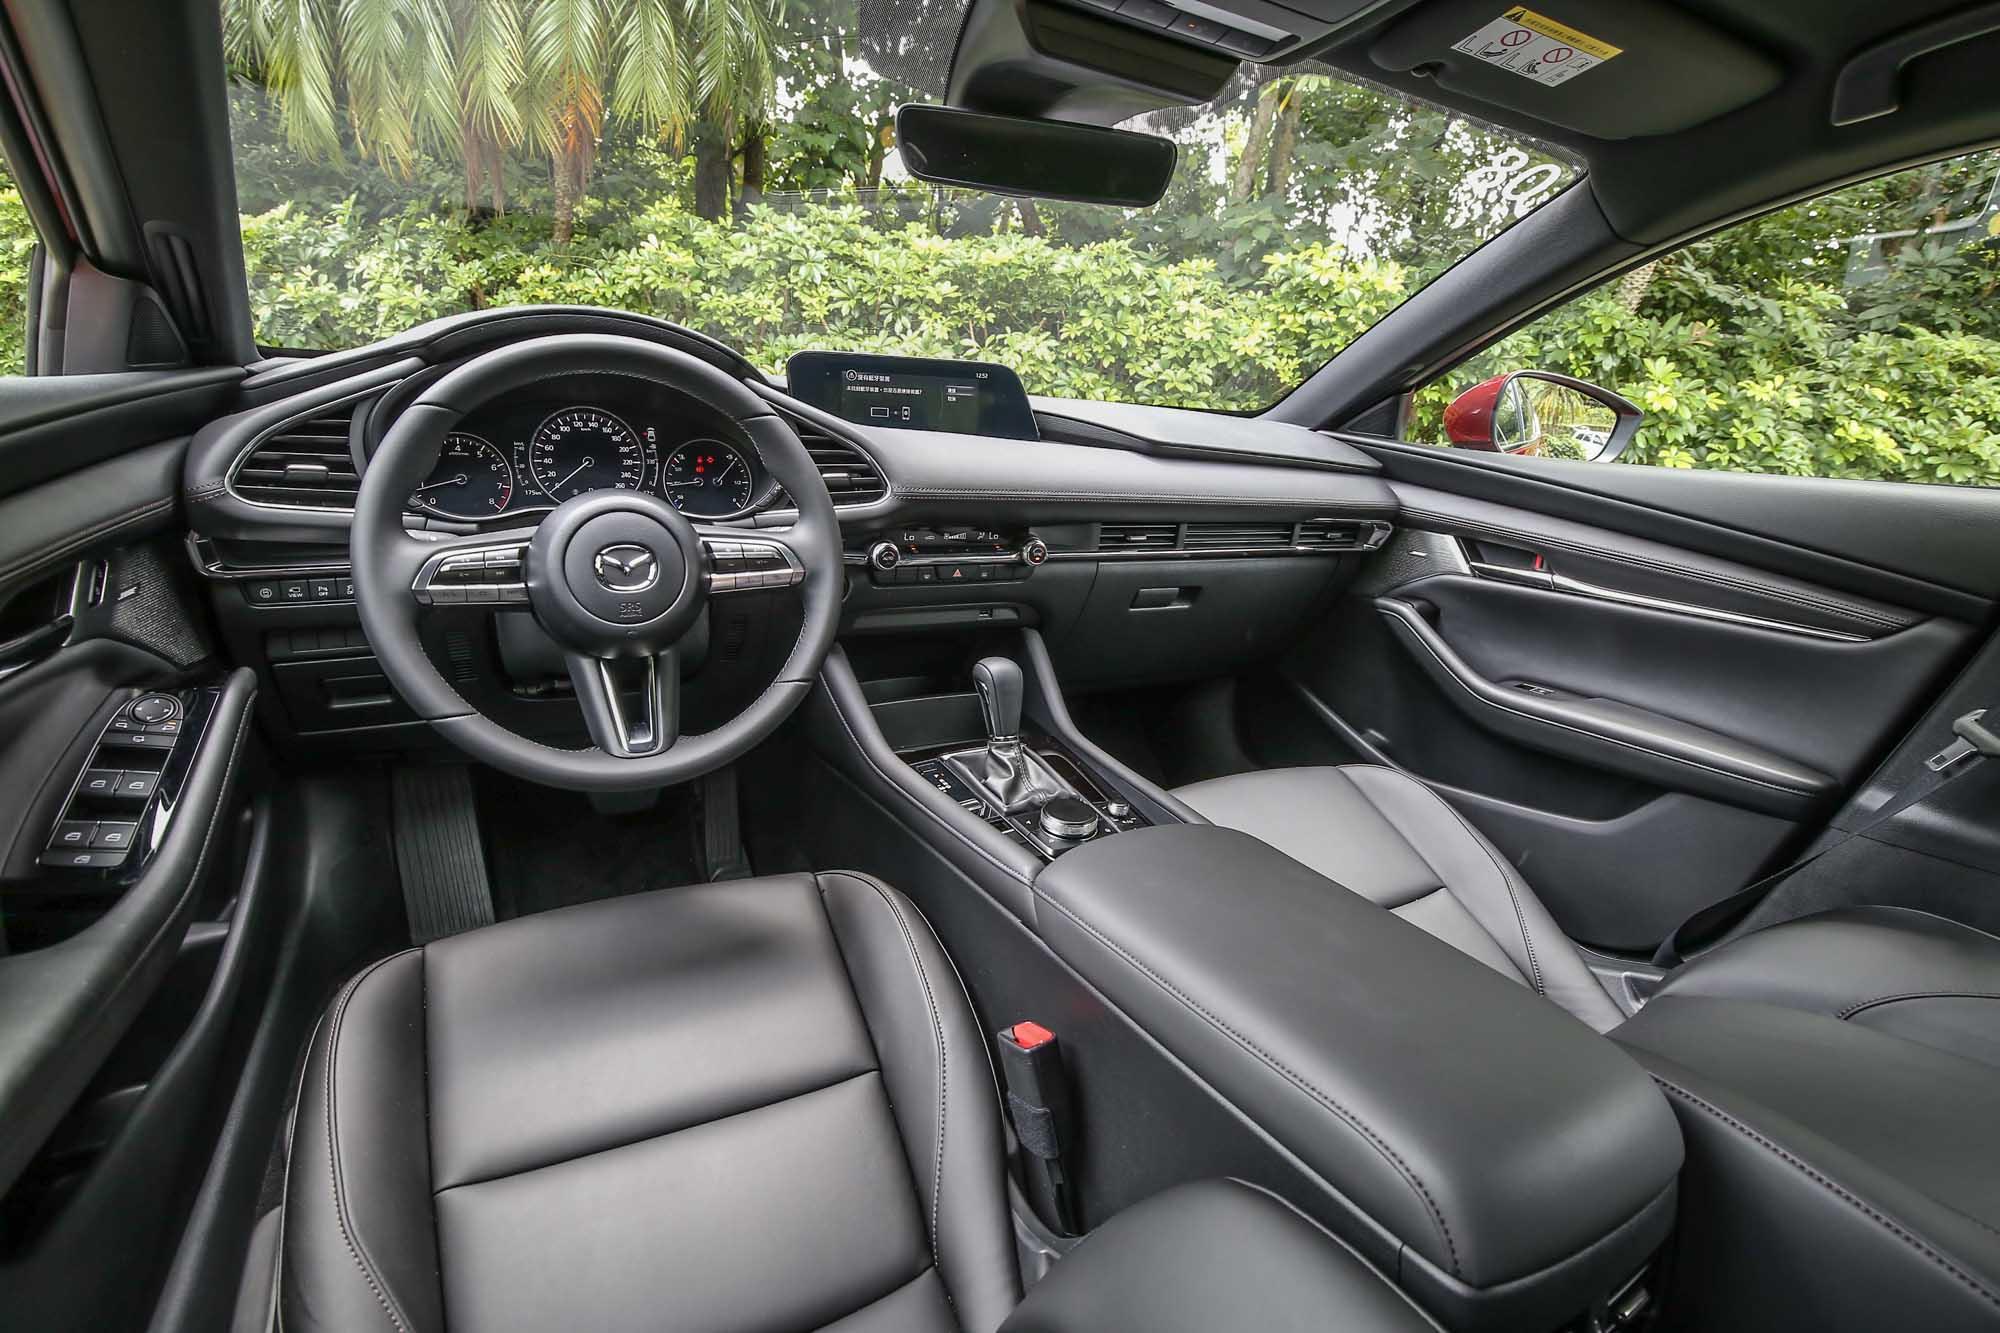 「越簡單就越吃質感」這件事,新世代 Mazda3 表現得好極了!